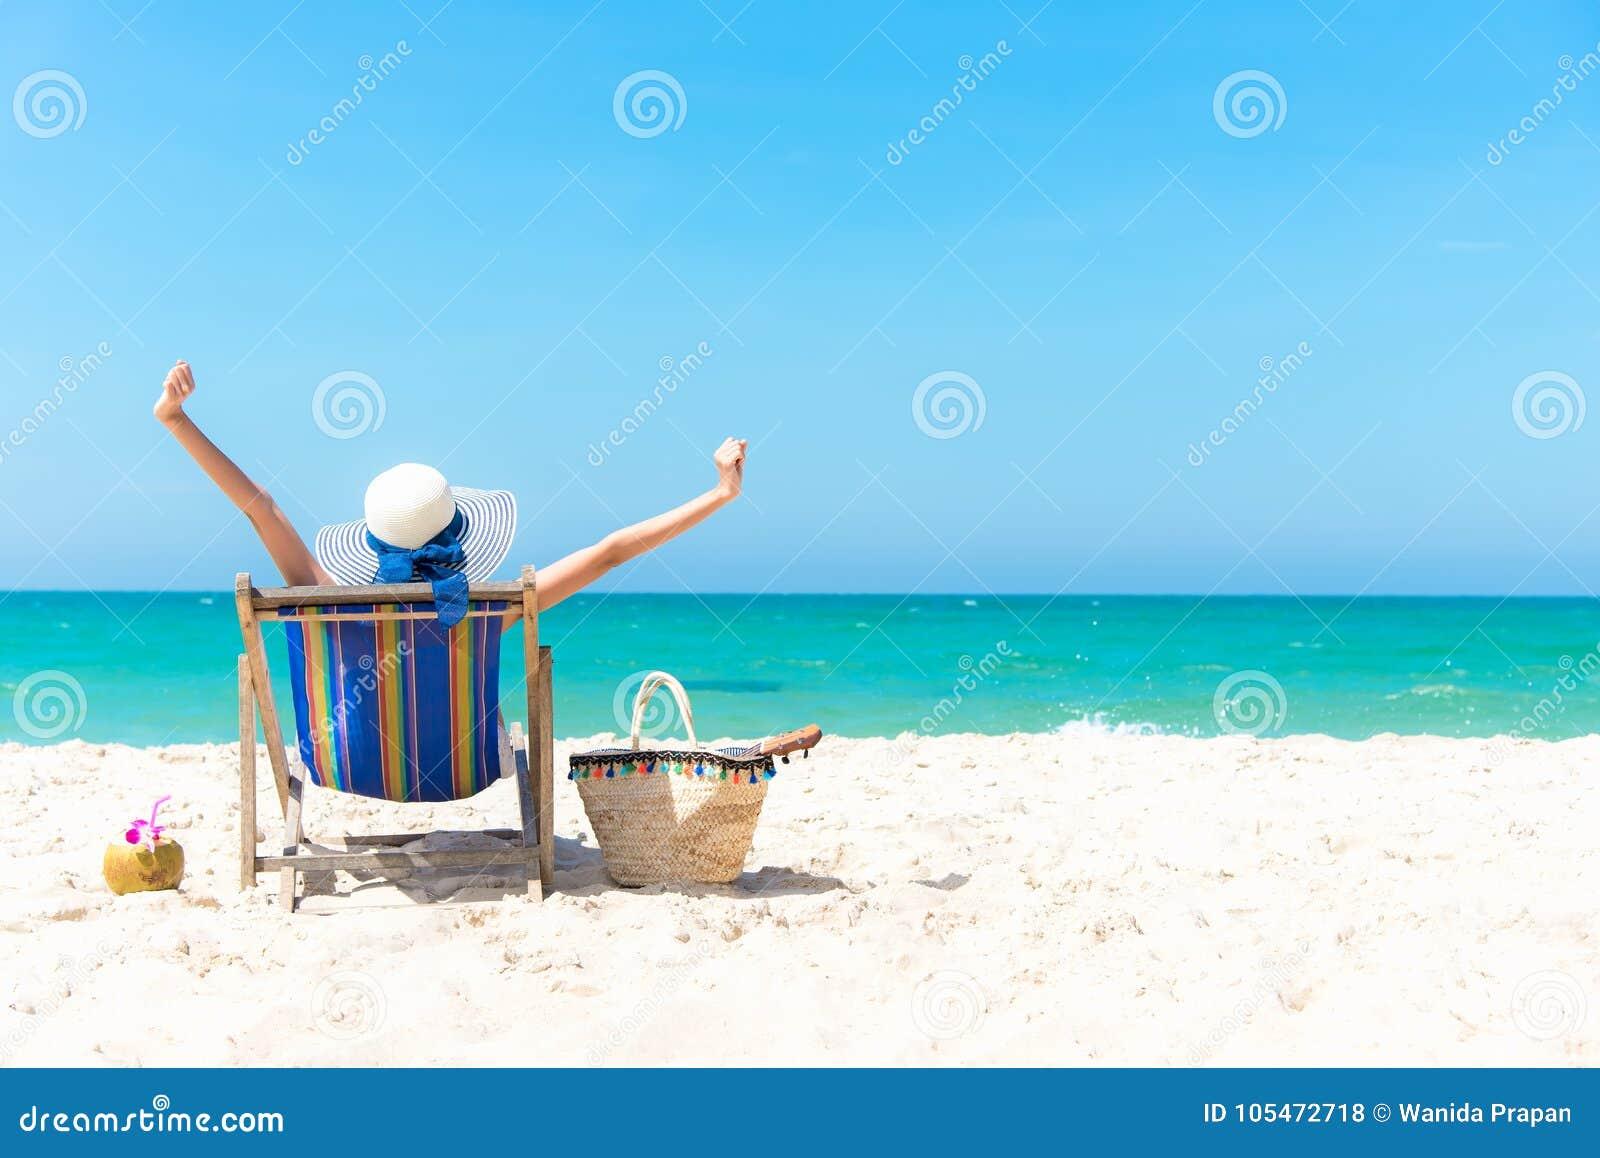 Krasnodar Gegend, Katya Schöne junge asiatische Frau entspannend und glücklich auf Strandstuhl mit Cocktailkokosnusssaft